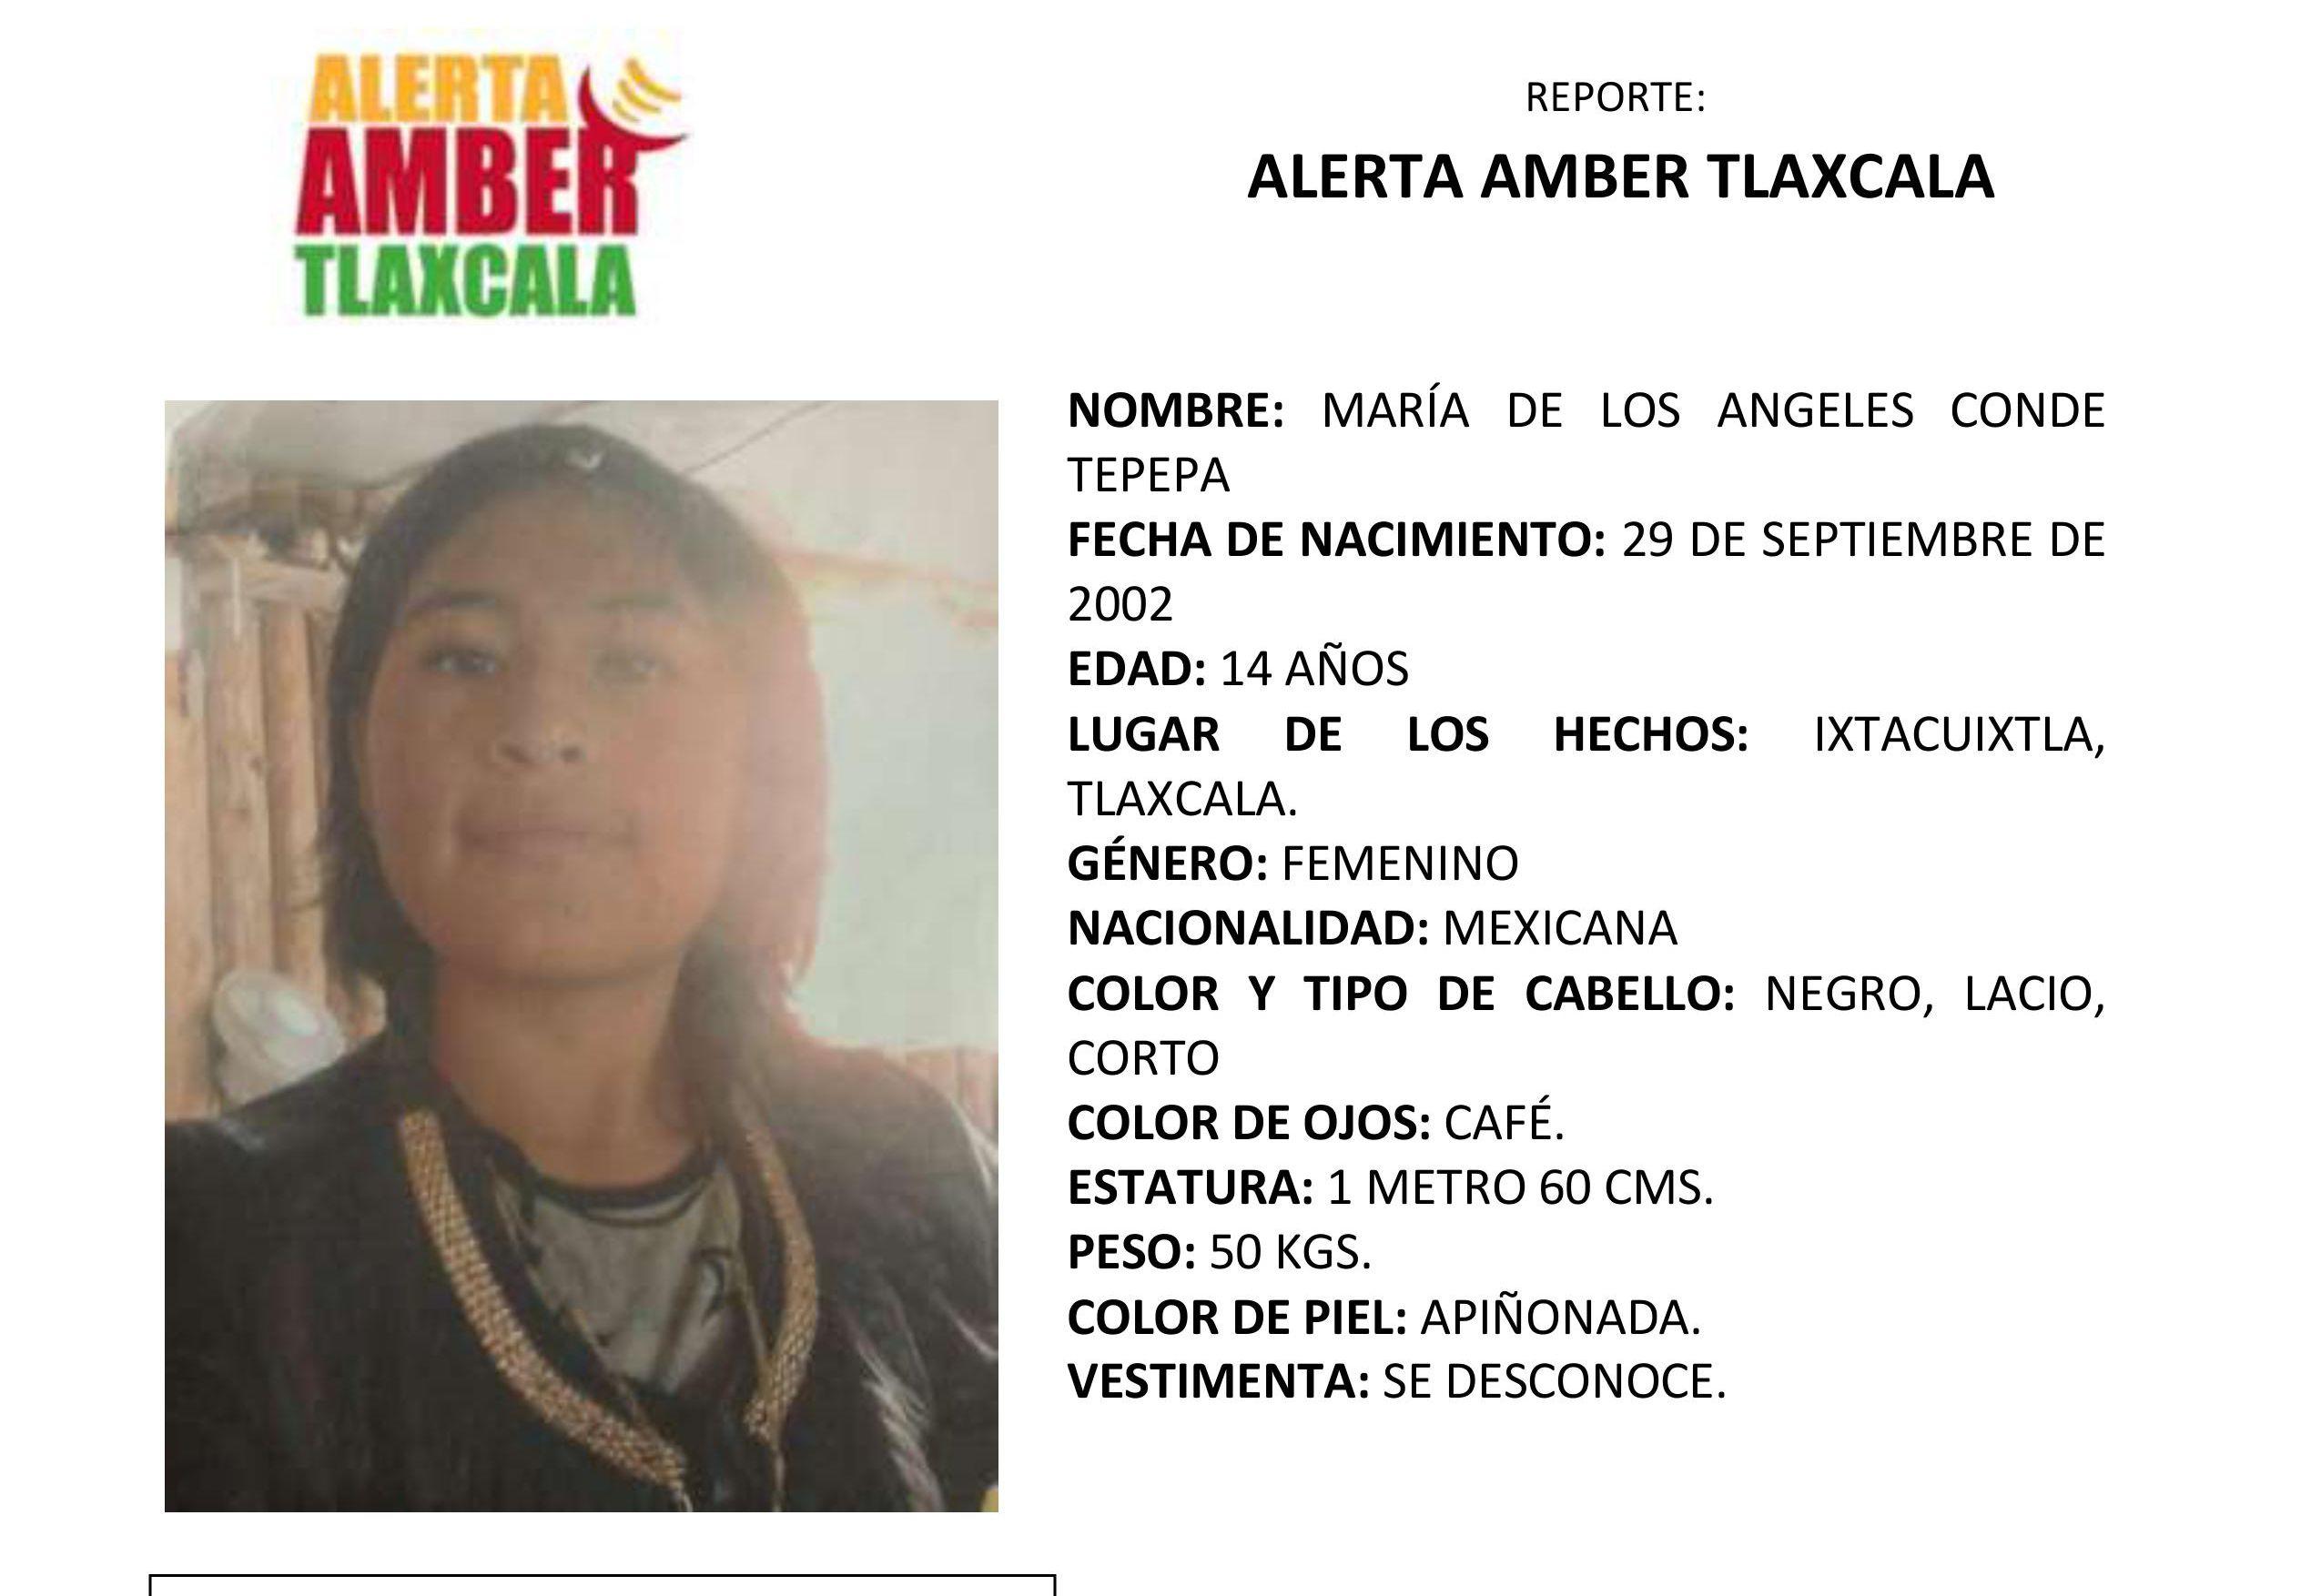 Activan la Alerta Amber para localizar a Maria de los Angeles Conde Tepepa